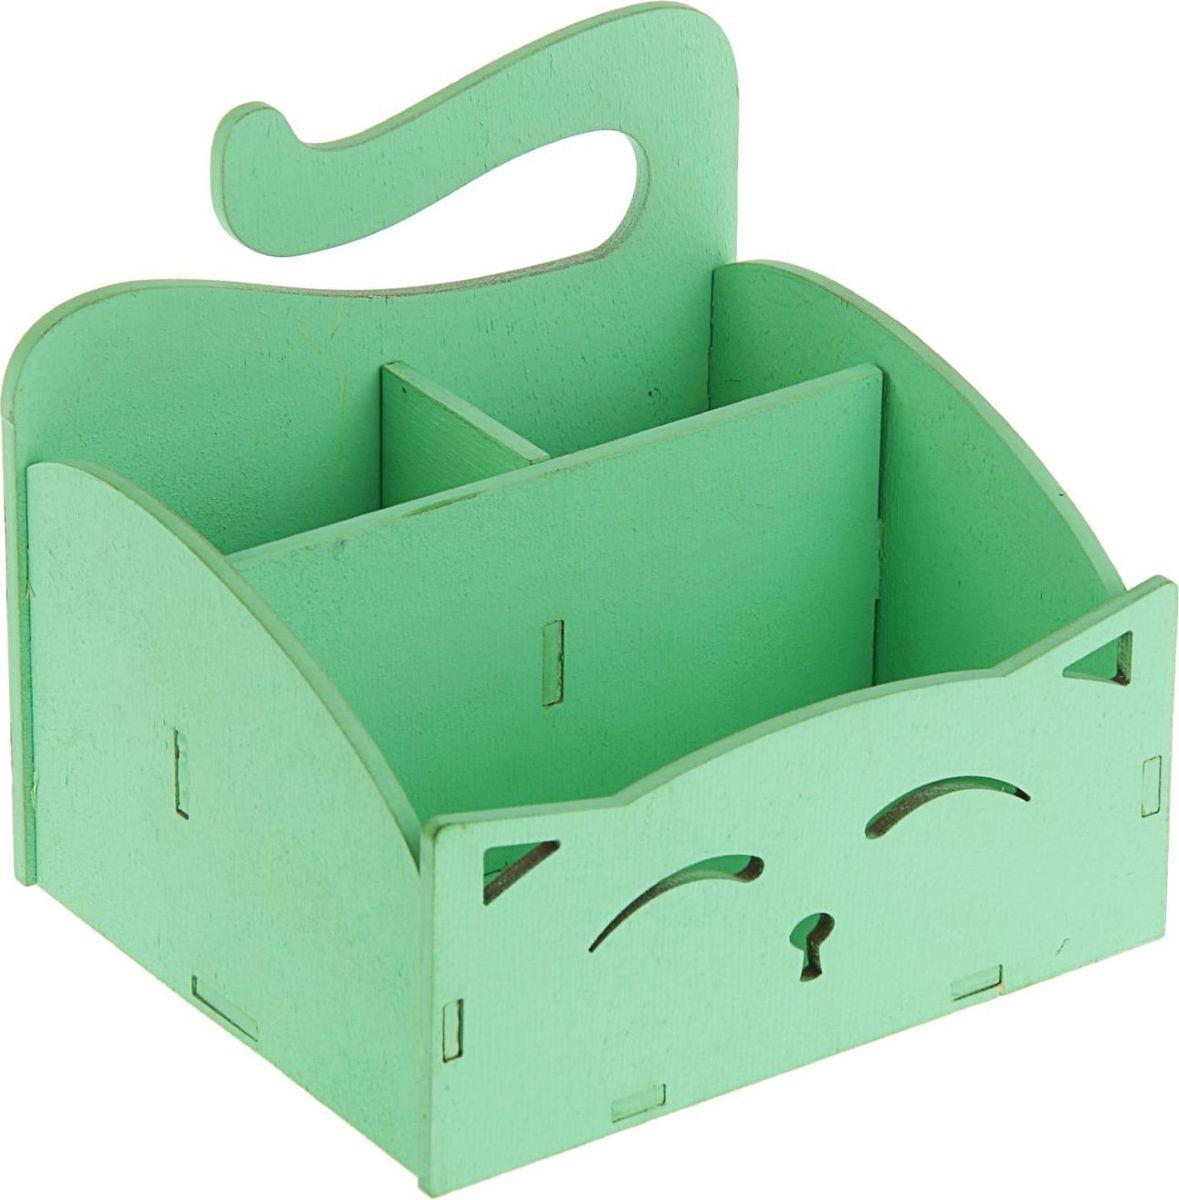 Кашпо ТД ДМ Ящик. Кошечка, цвет: зеленый, 15,4 х 13 х 13,5 см2306632Кашпо Ящик. Кошечка имеет уникальную форму, сочетающуюся как с классическим, так и с современным дизайном интерьера. Оно изготовлено из дерева и предназначено для выращивания растений, цветов и трав в домашних условиях.Кашпо порадует вас функциональностью, а благодаря лаконичному дизайну впишется в любой интерьер помещения. Размеры кашпо: 15,4 х 13 х 13,5 см.